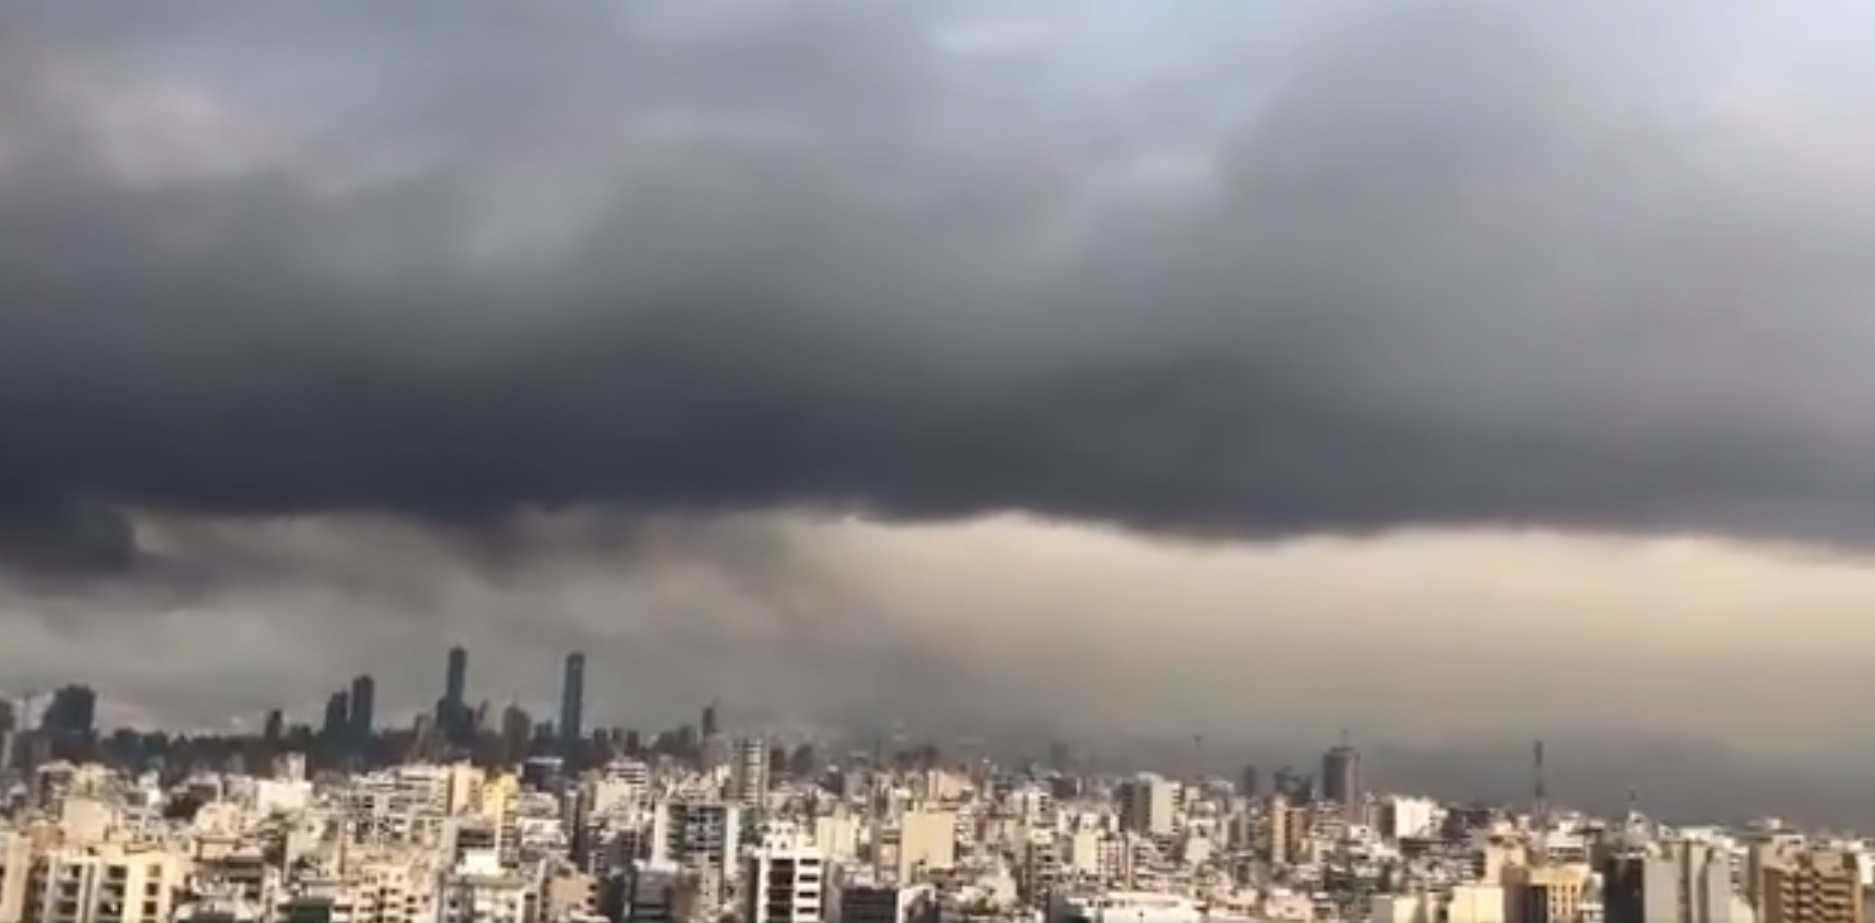 بالفيديو/ الاسود يغطي سماء العاصمة بيروت بسبب الحرائق المستعرة في المرفأ